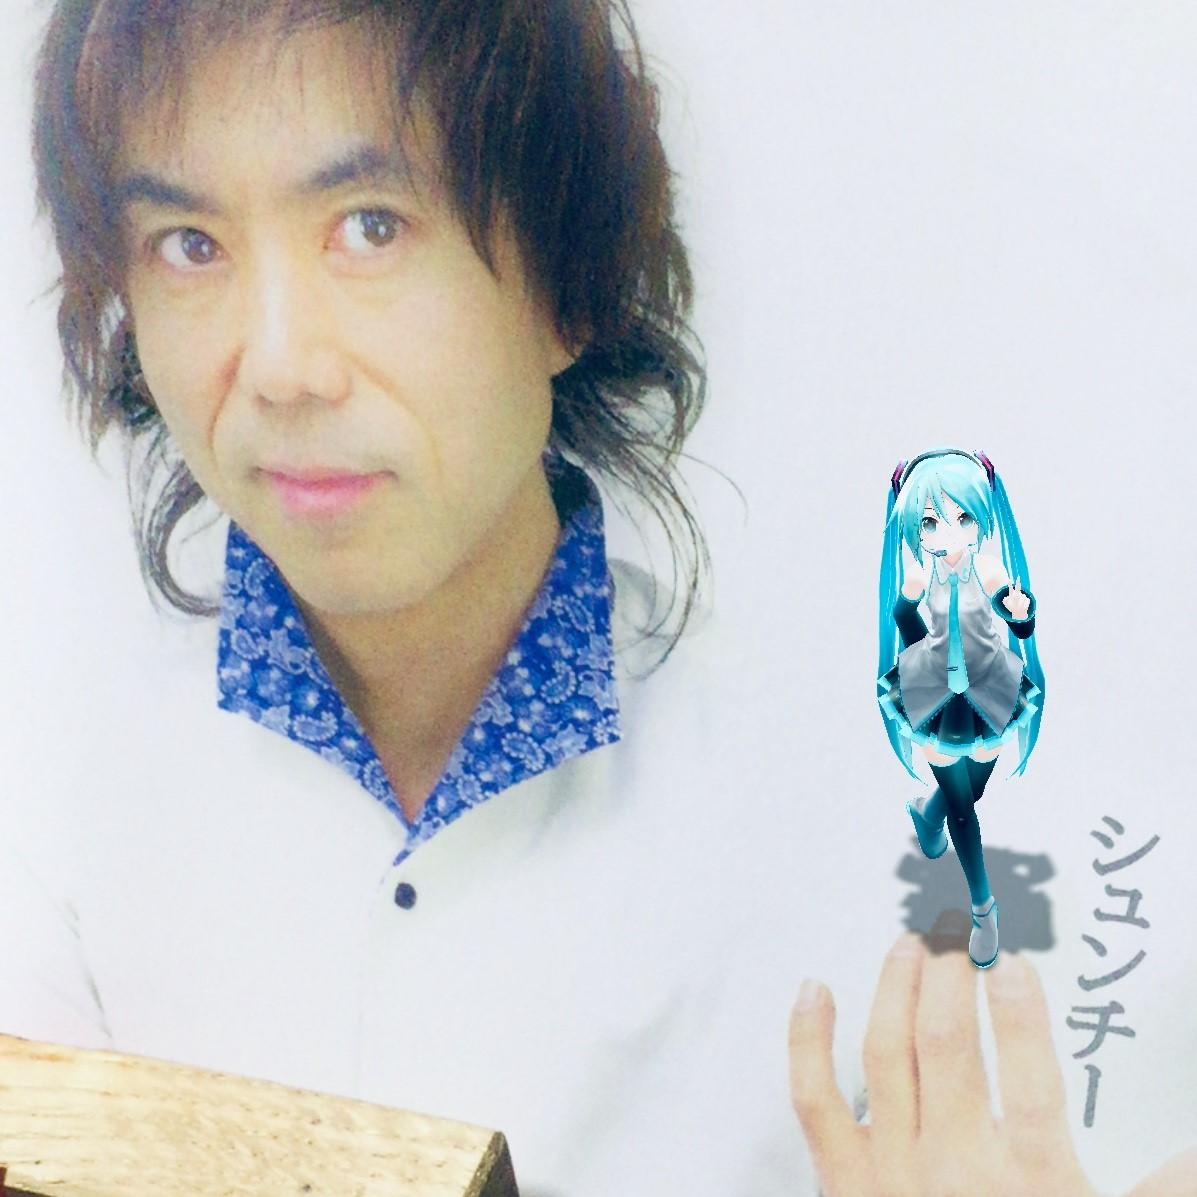 イッサイクウ / 初音ミク バージョン